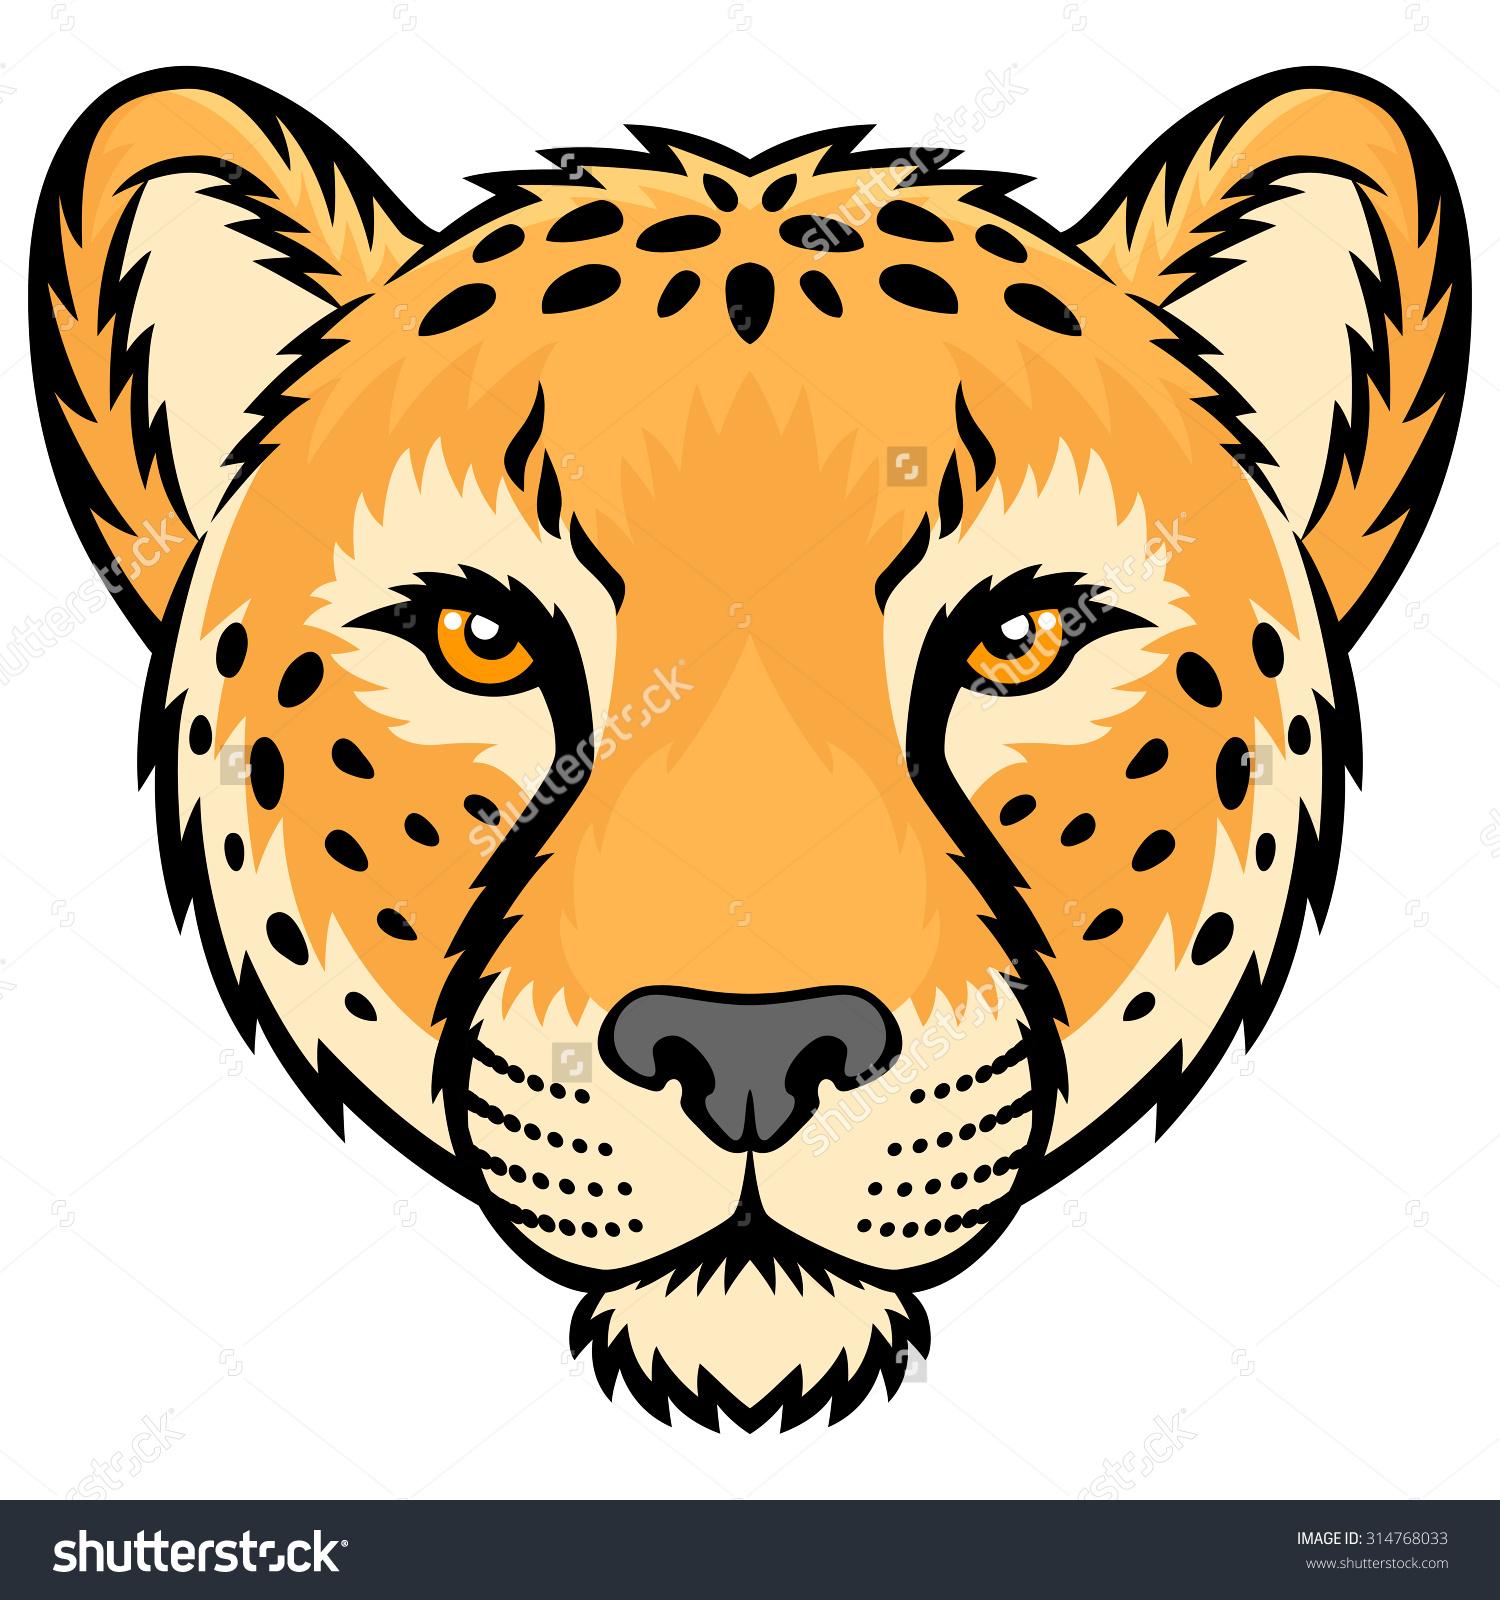 Head . Cheetah clipart vector